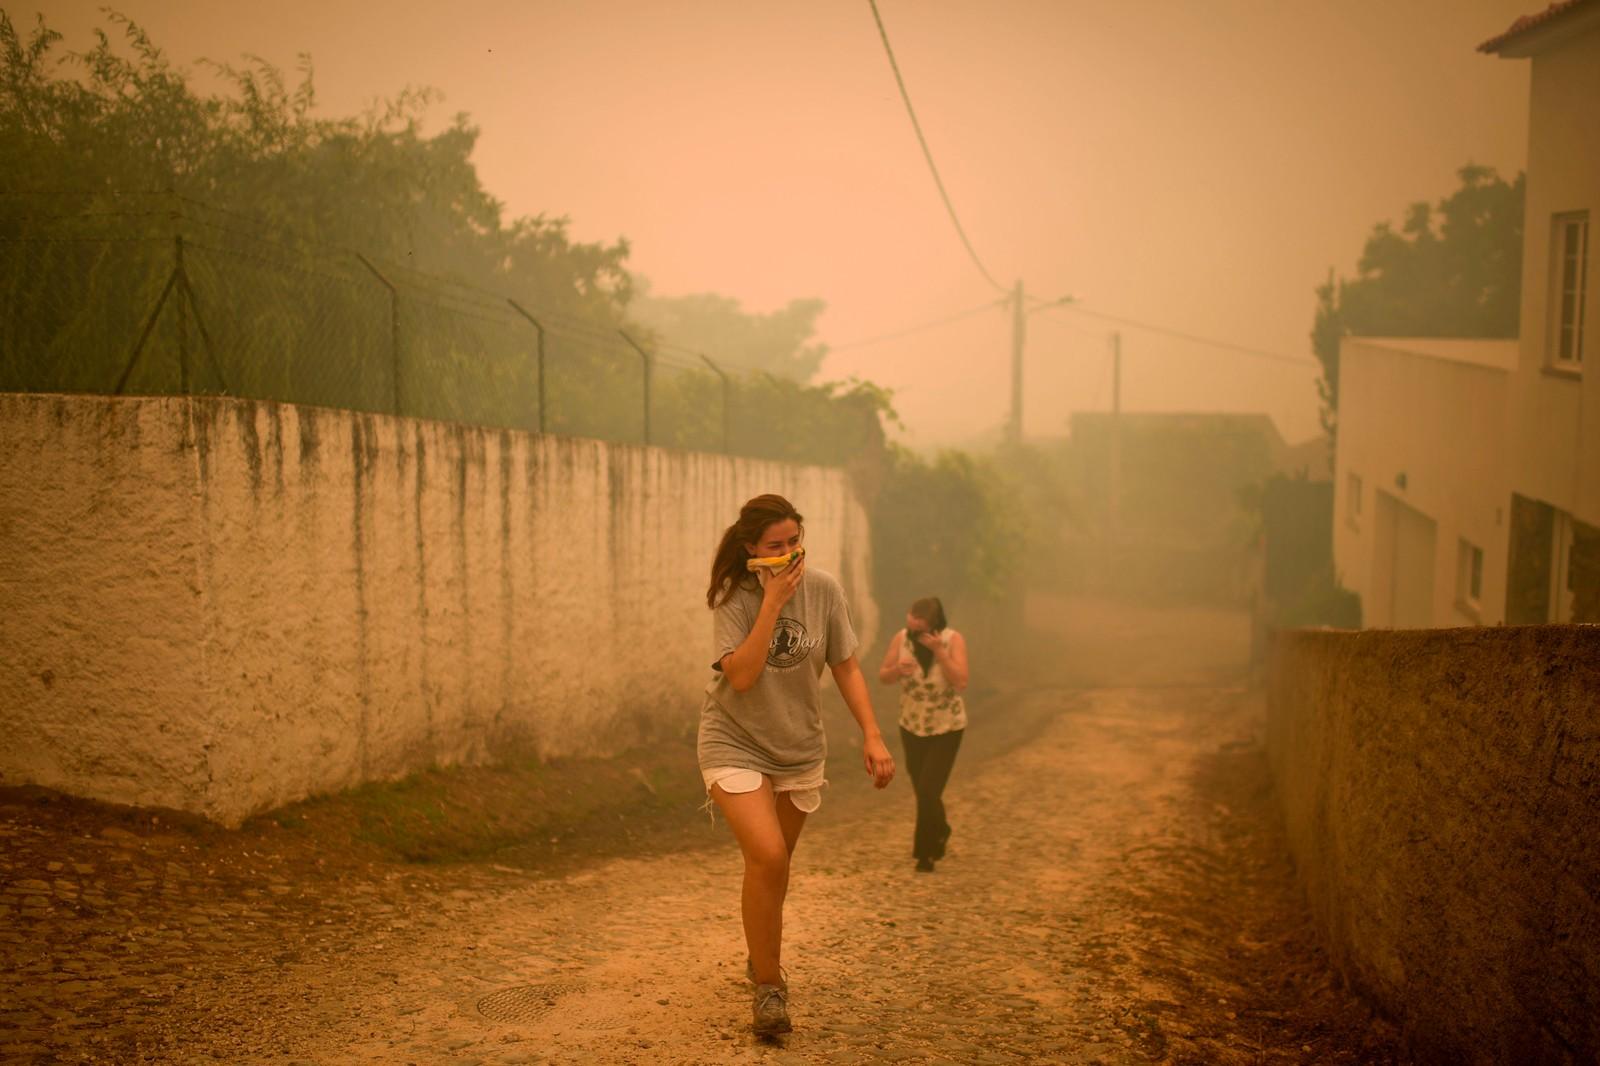 Innbyggere i Torgal i Castanheira de Pera dekker til munn og nese for å beskytte seg fra røyken fra skogbrannen som truer landsbyen.